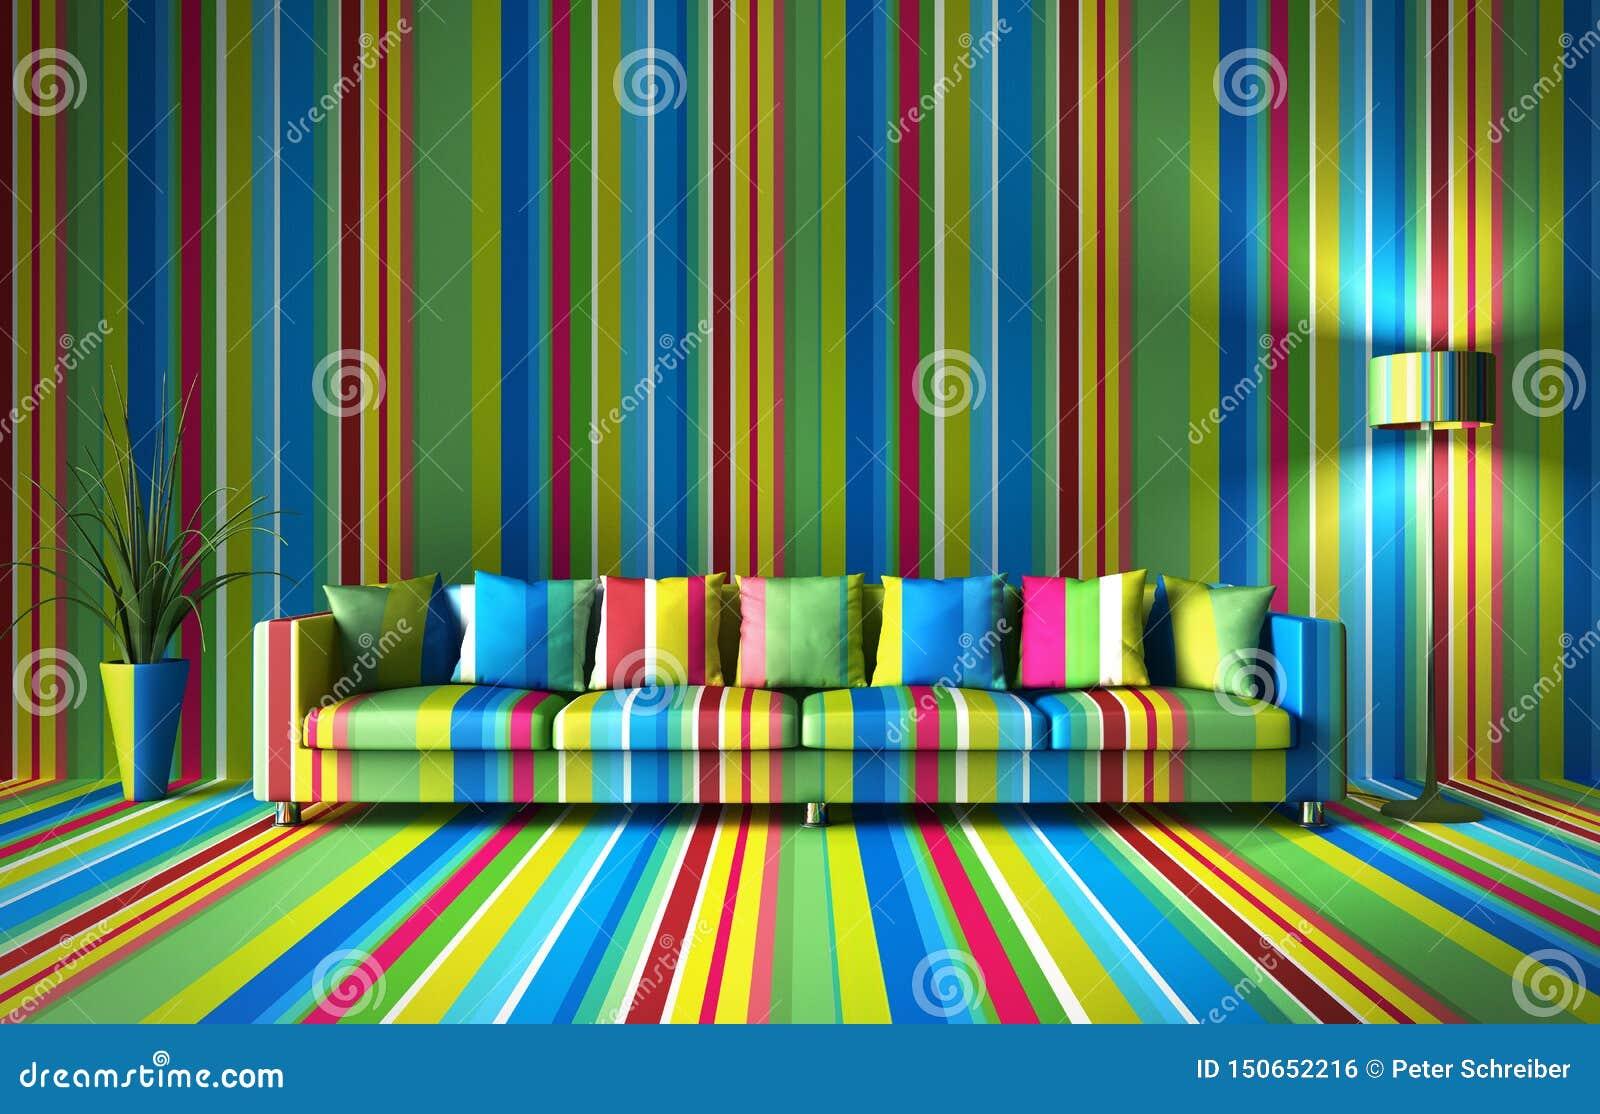 Kanapa przed kolorową ścianą